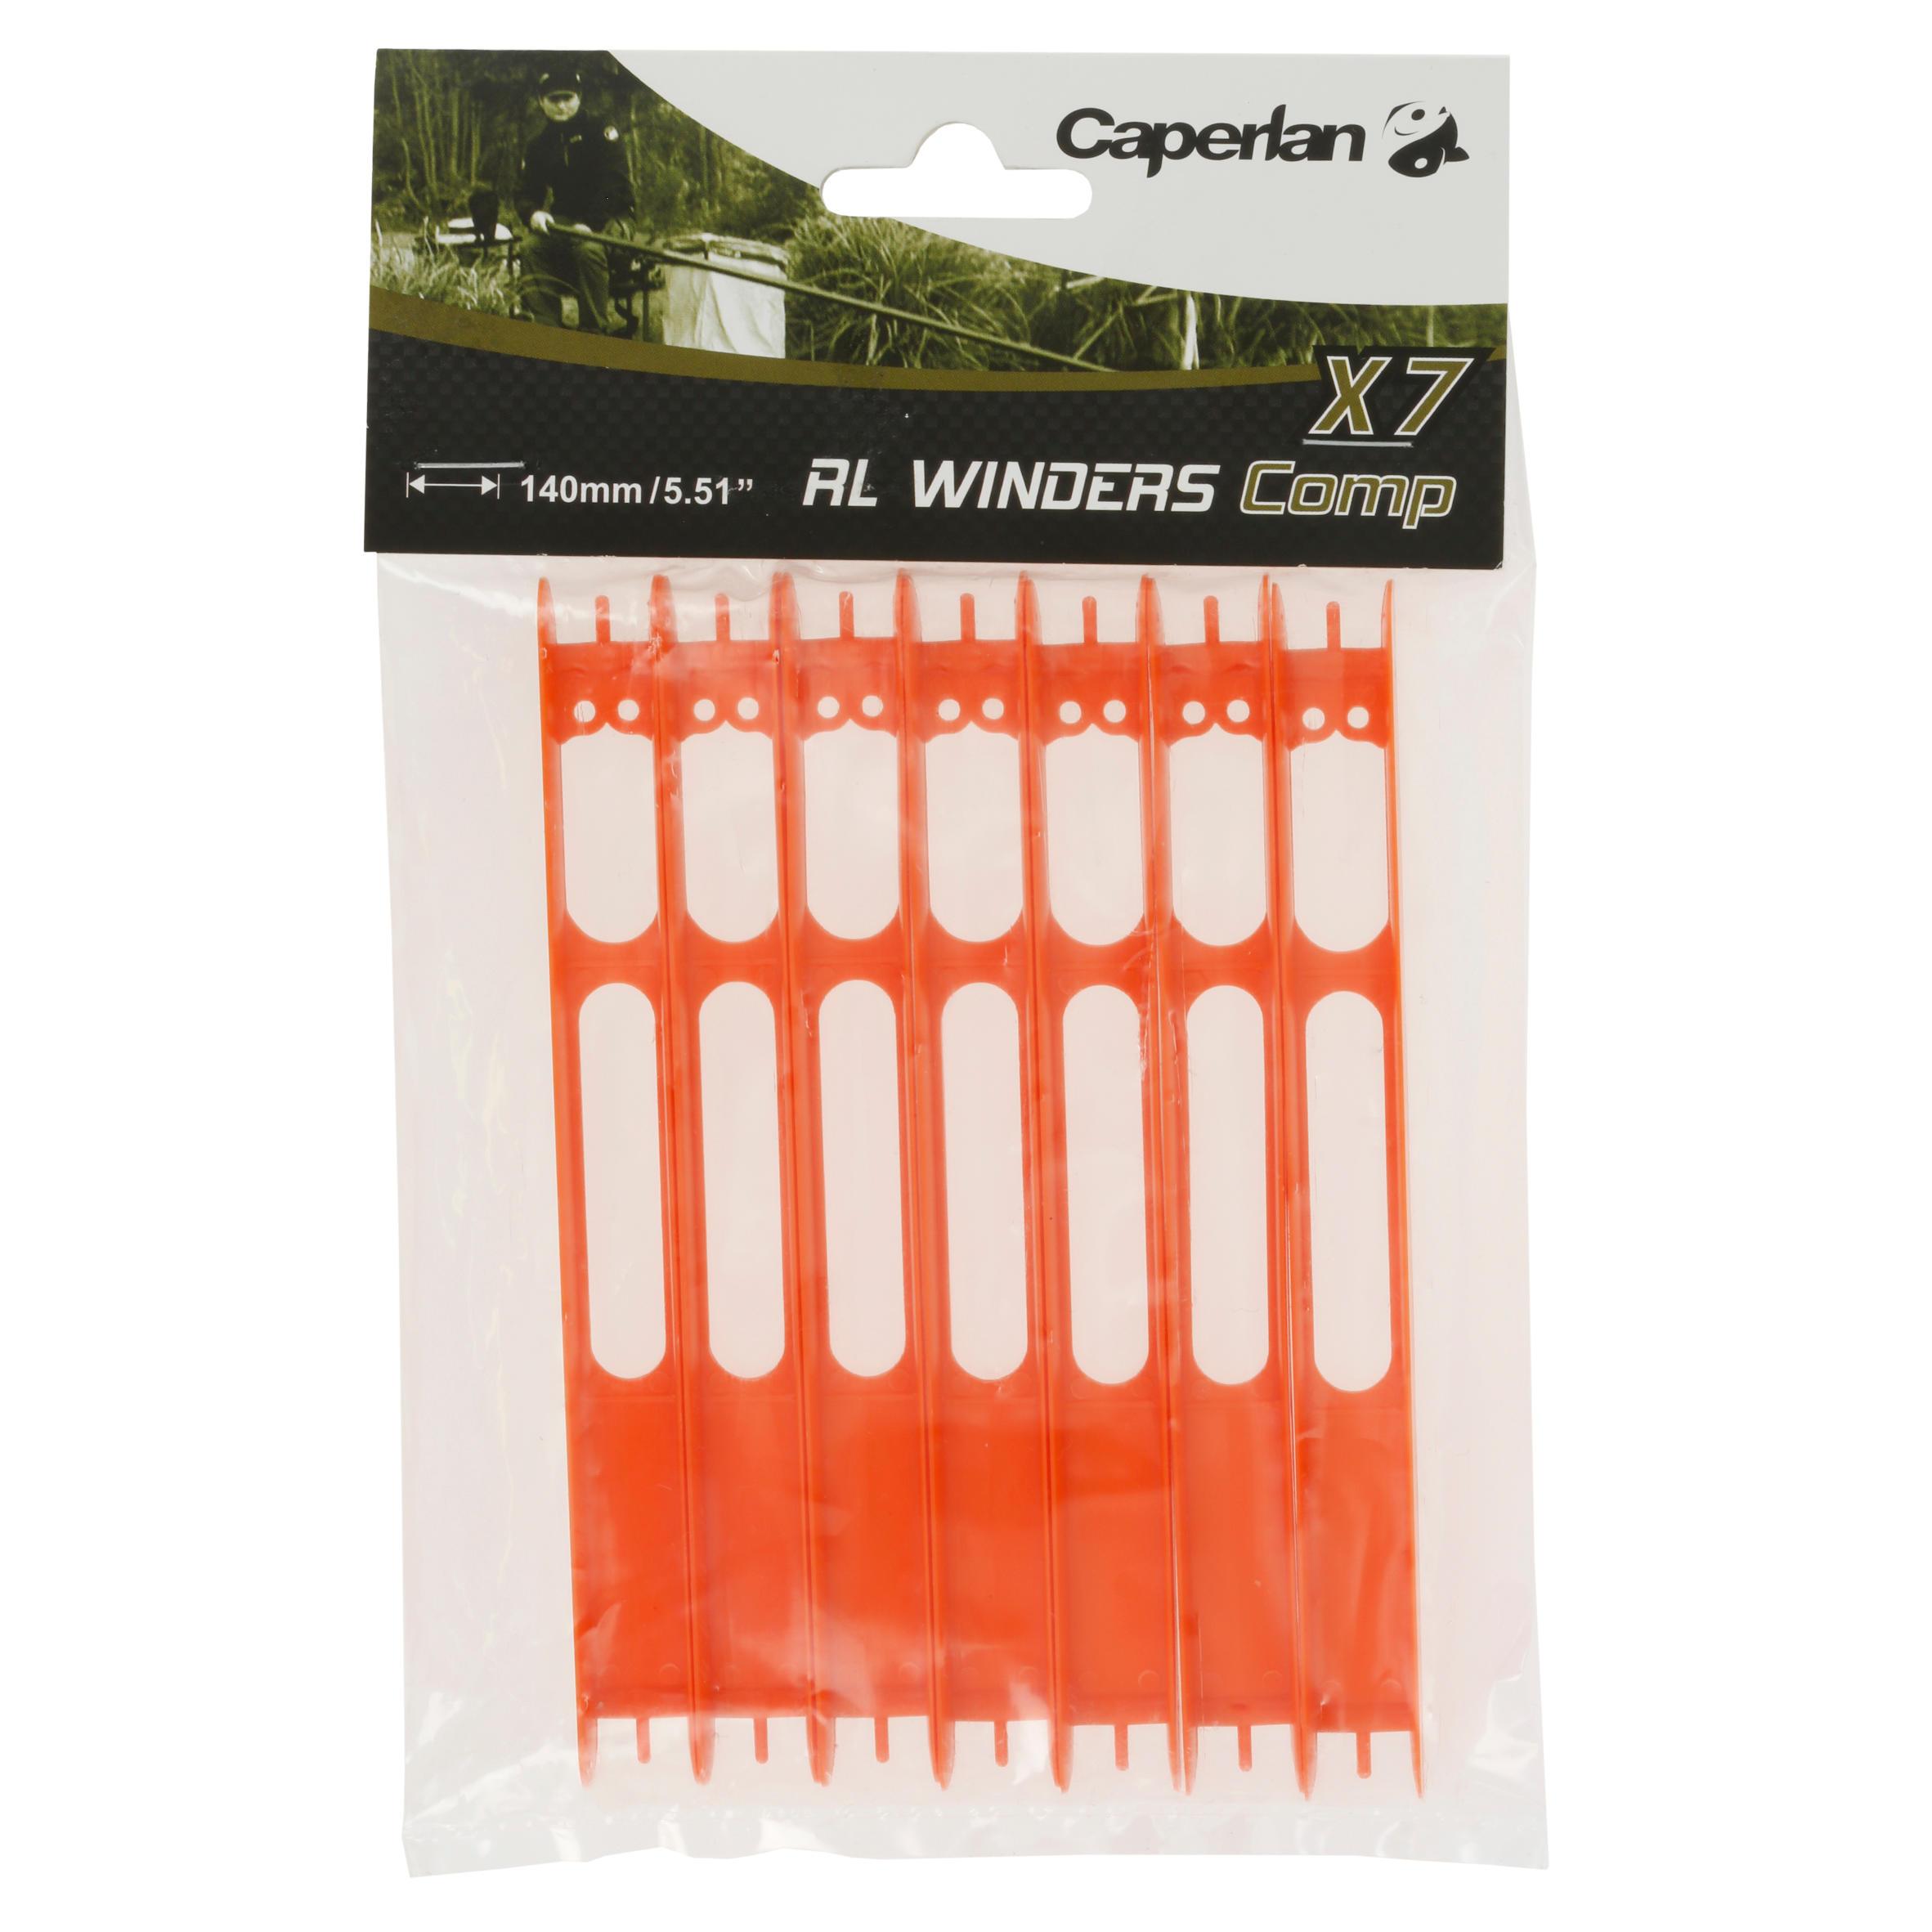 Caperlan Haspel hengelsport RL Winders Comp x6 18 cm